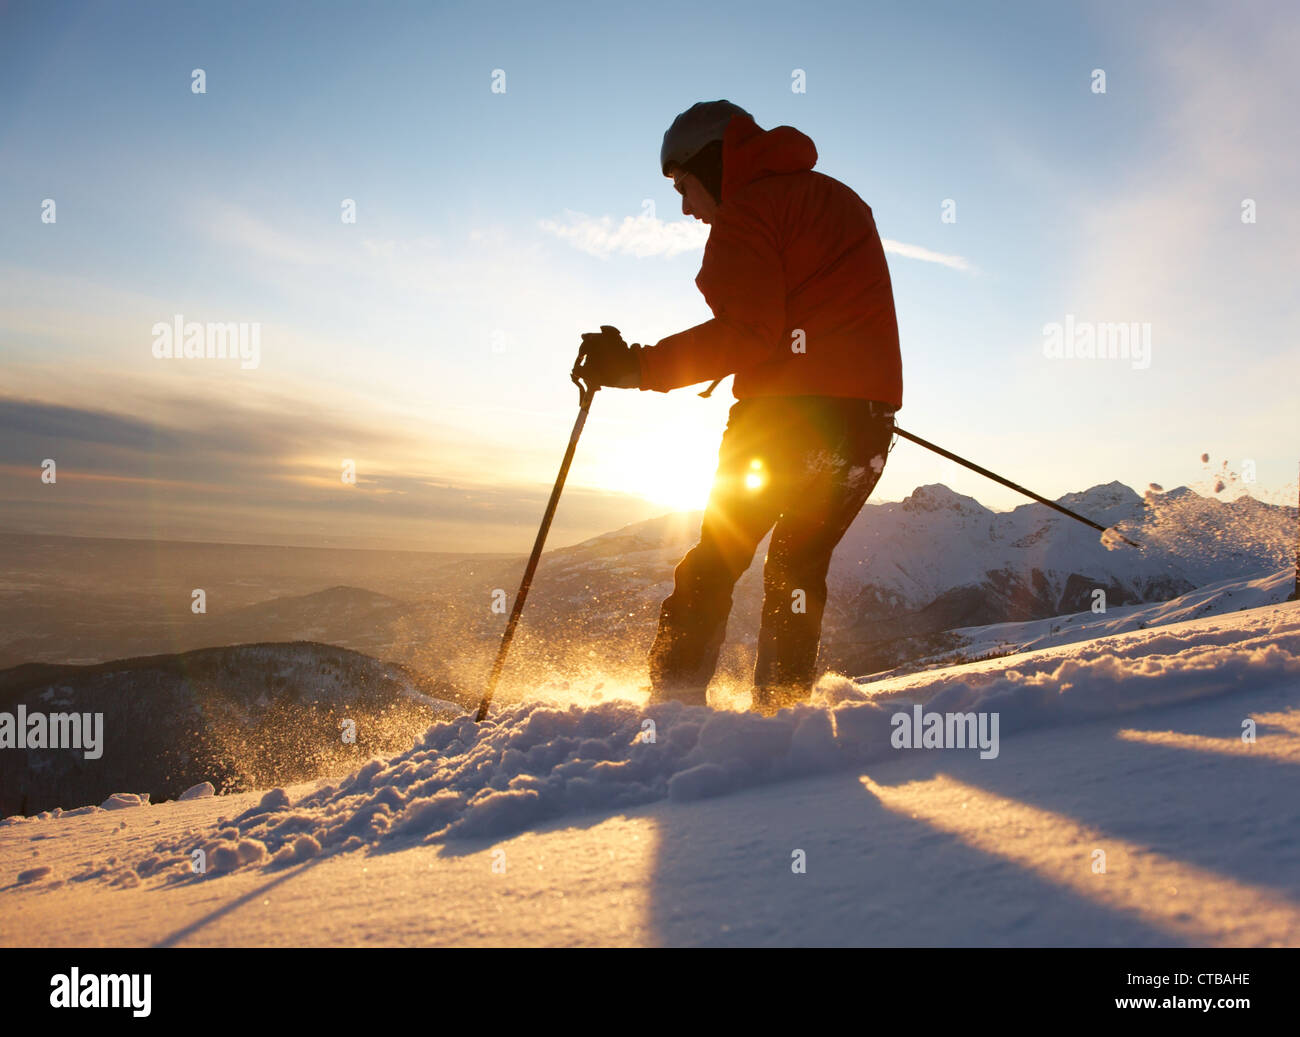 Sciatore con rifiniture a spostarsi verso il basso nella polvere di neve al tramonto; Alpi italiane. Immagini Stock